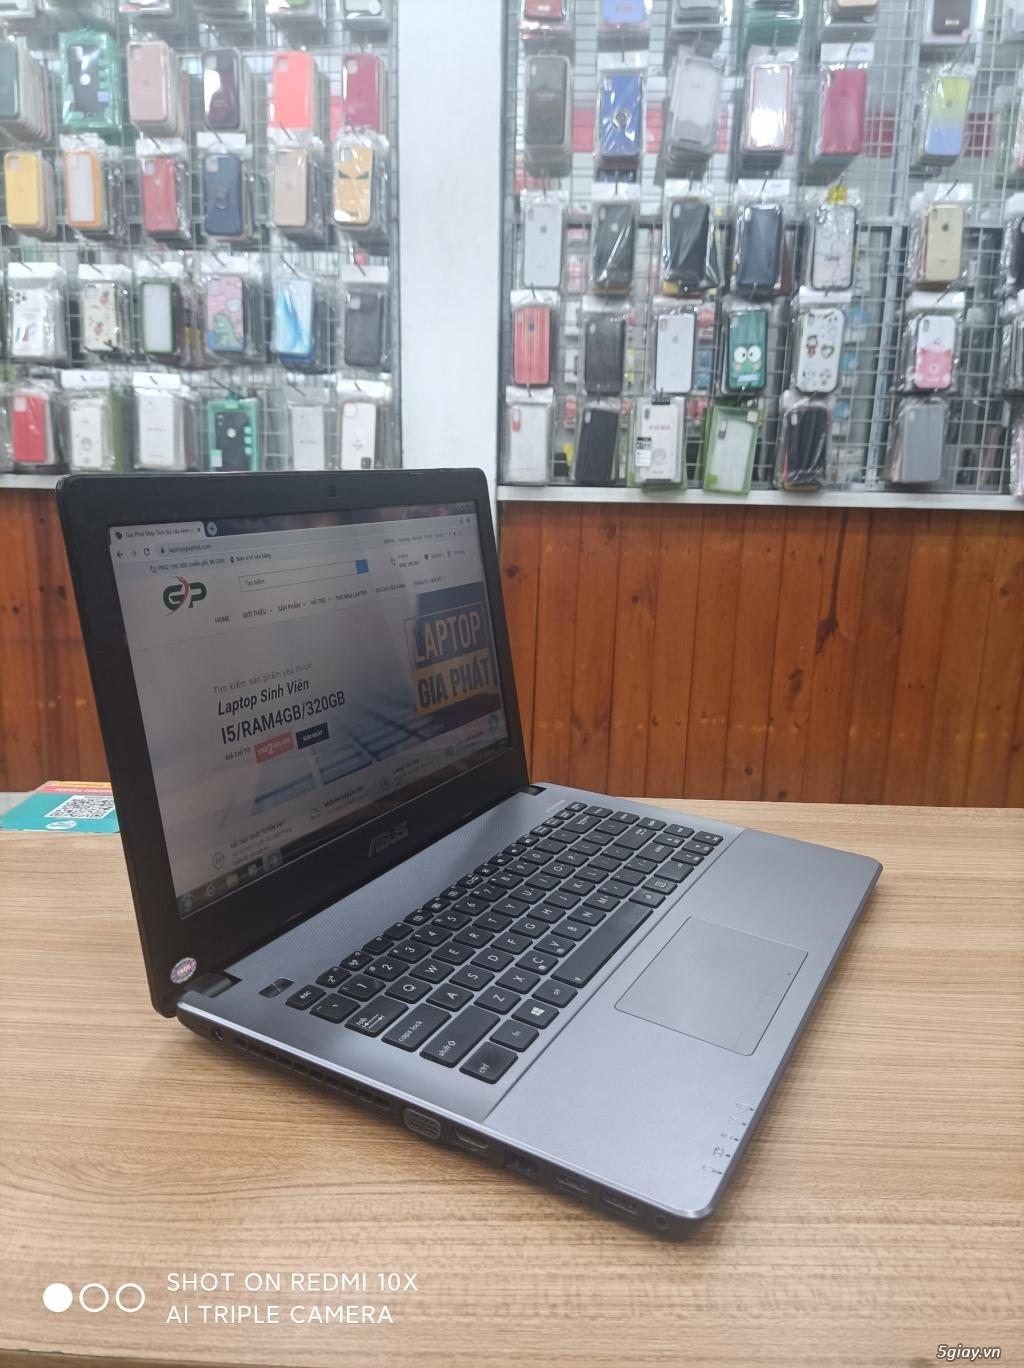 Laptop sinh viên văn phòng giá rẻ nhiều cấu hình và giá cập nhật 1/11 - 6